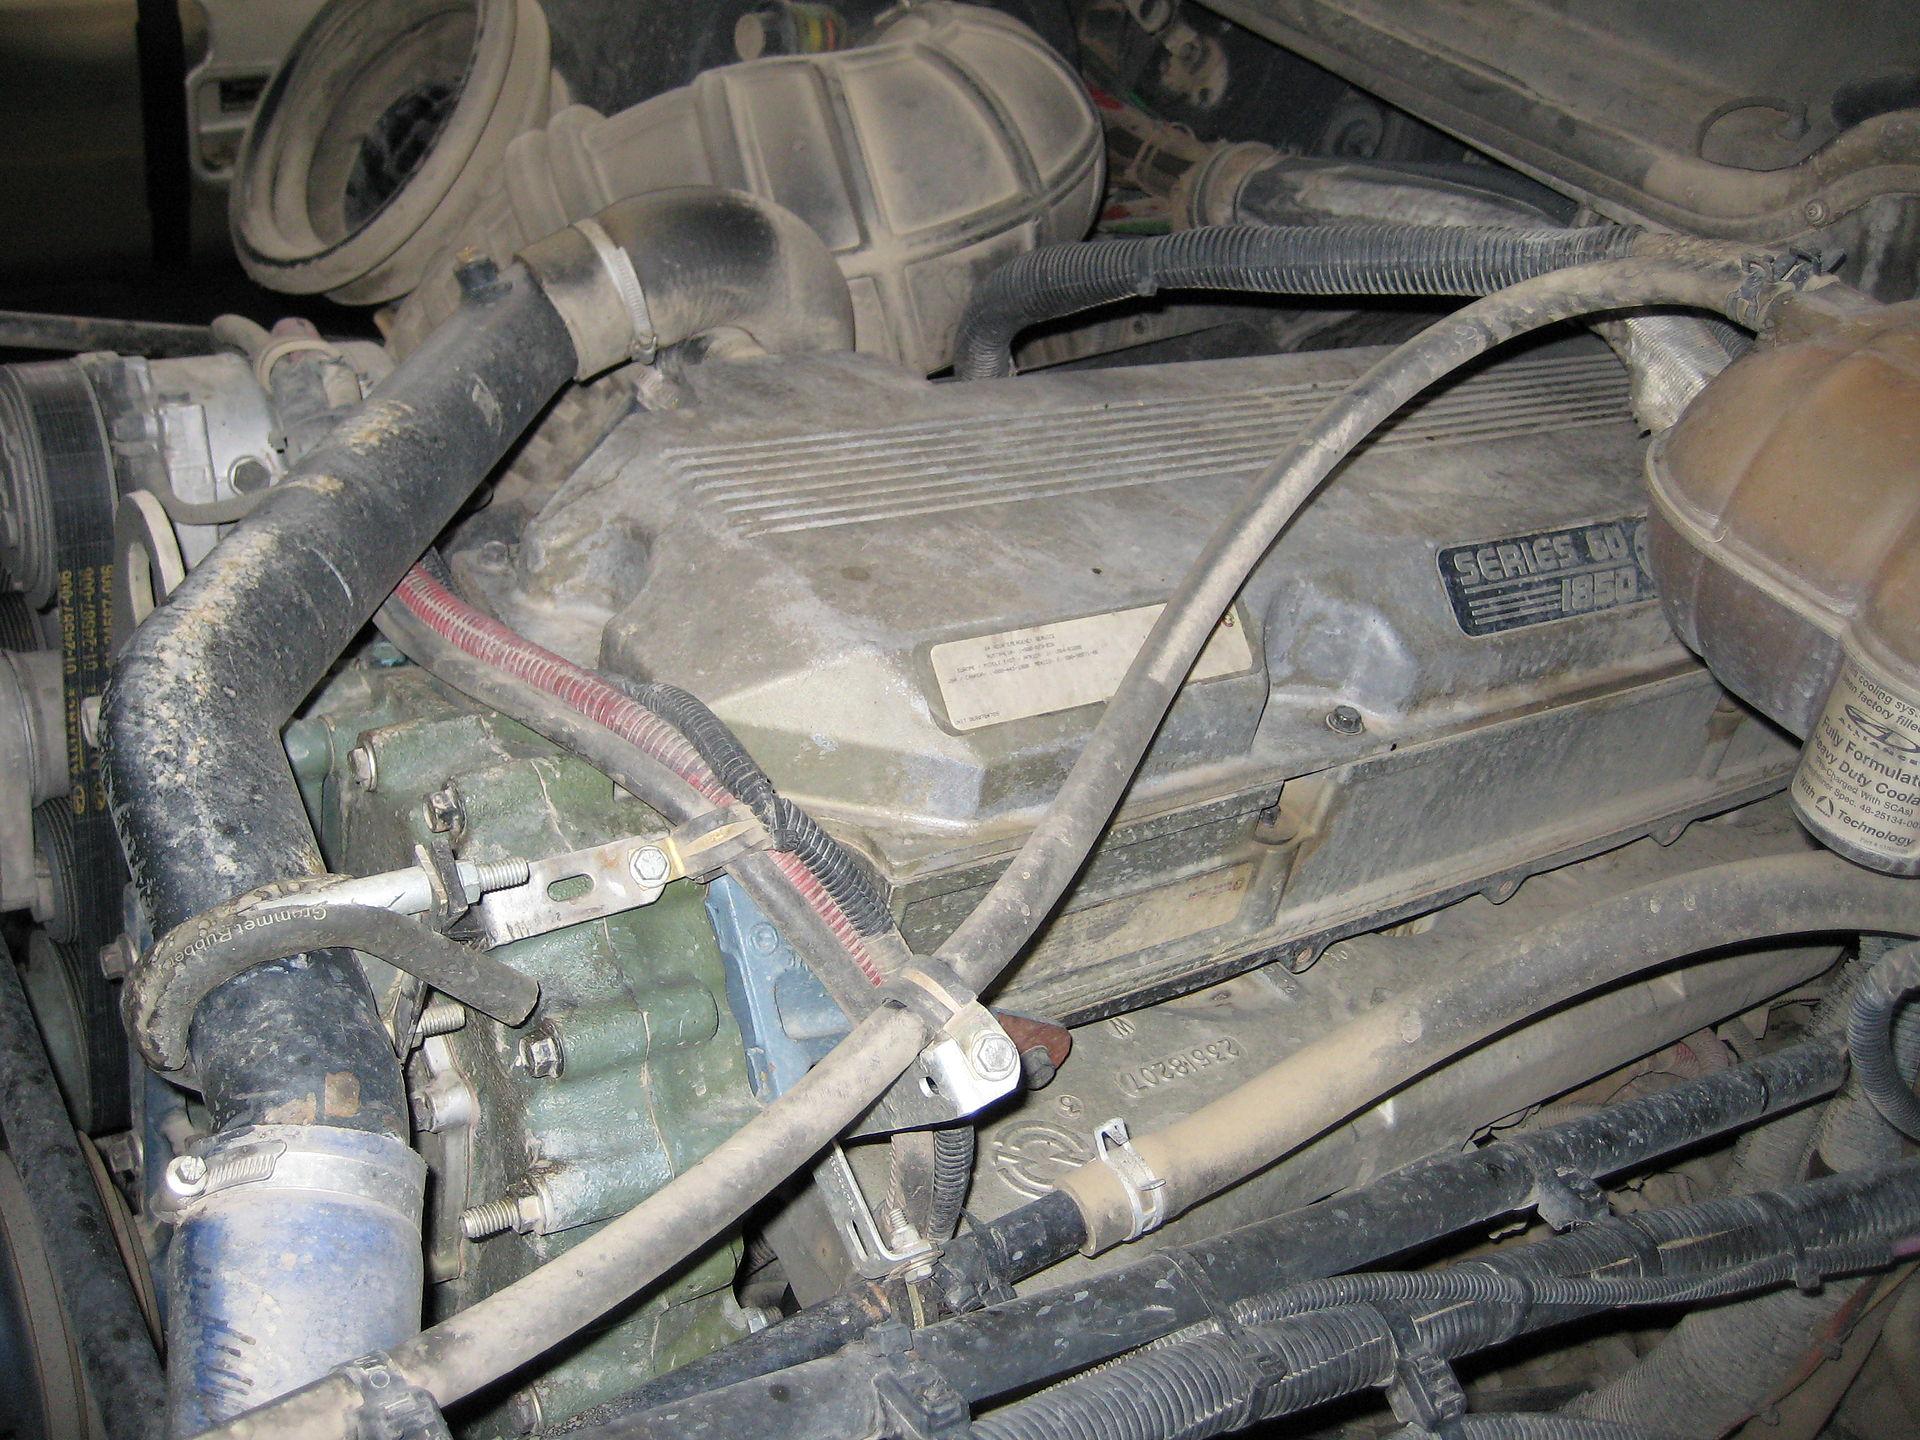 Detroit Diesel 60 - Wikipedia